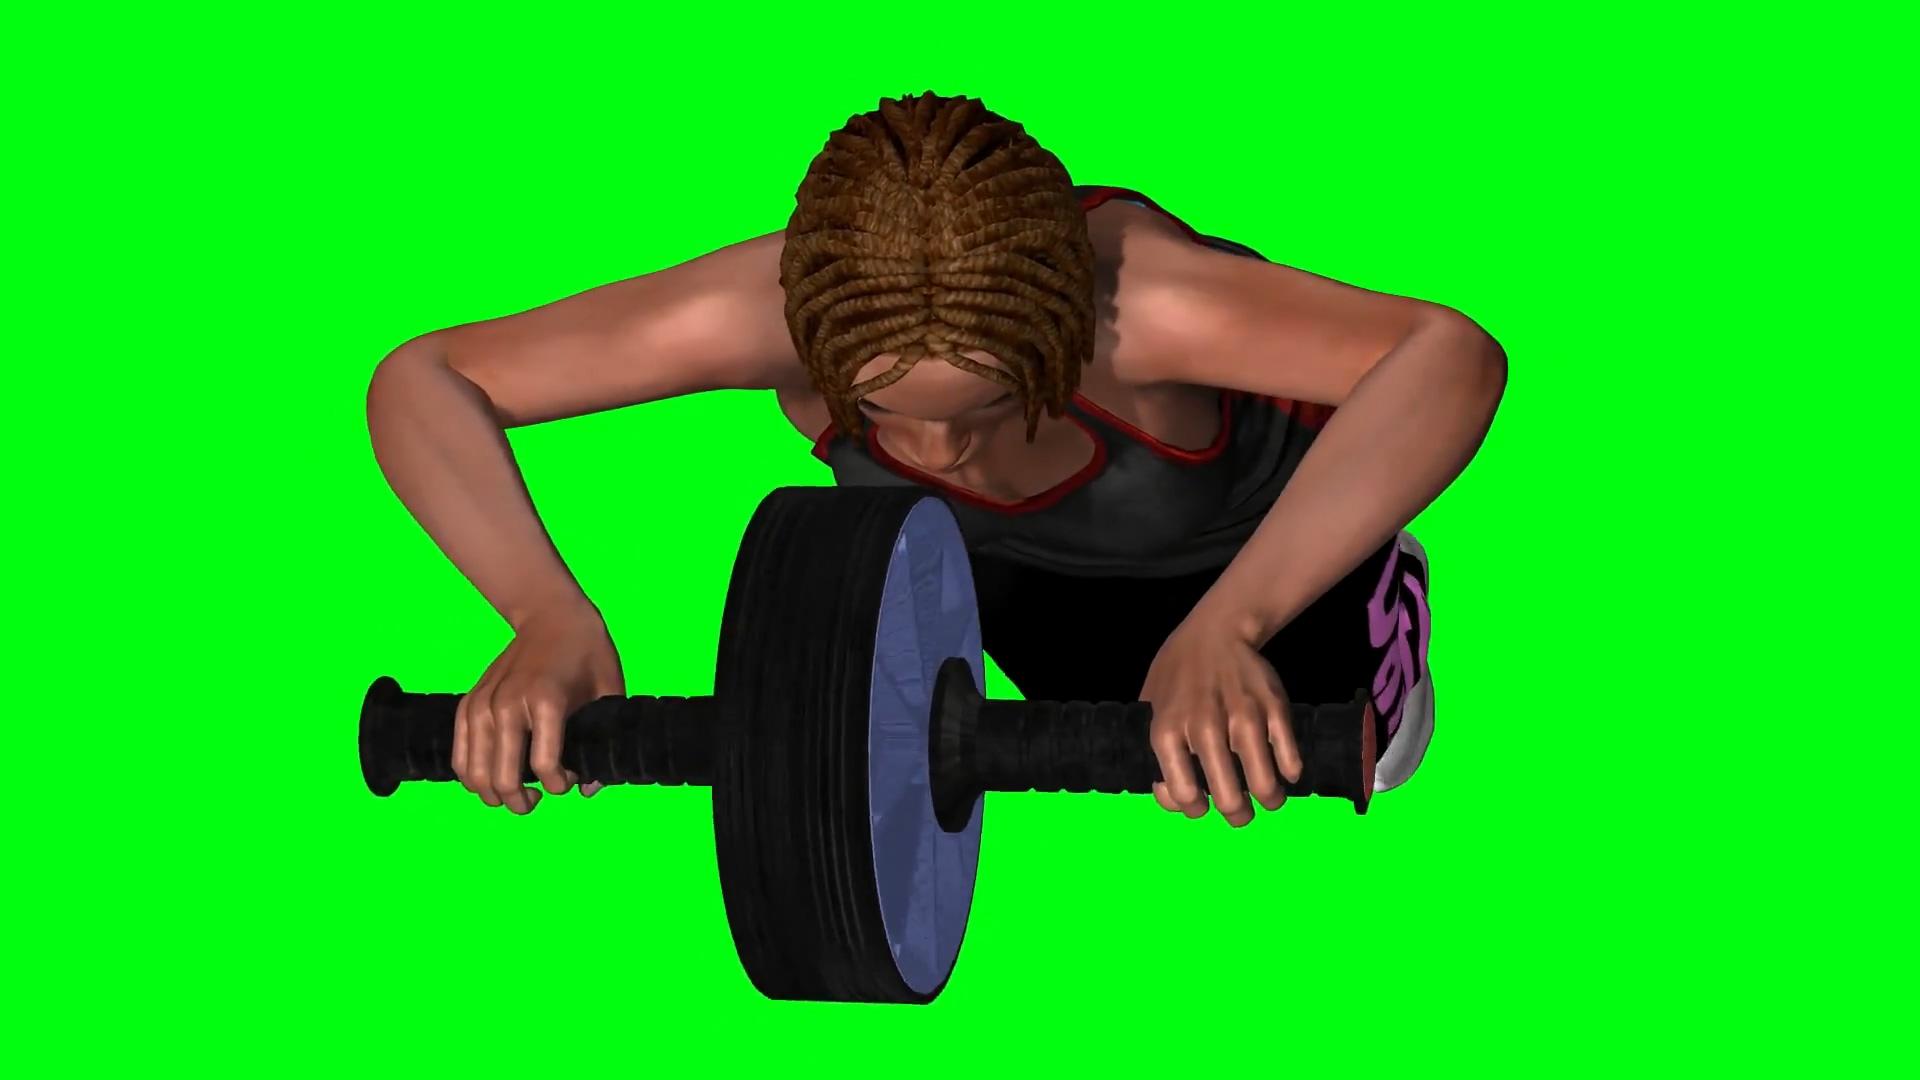 绿屏抠像做健腹轮的女子